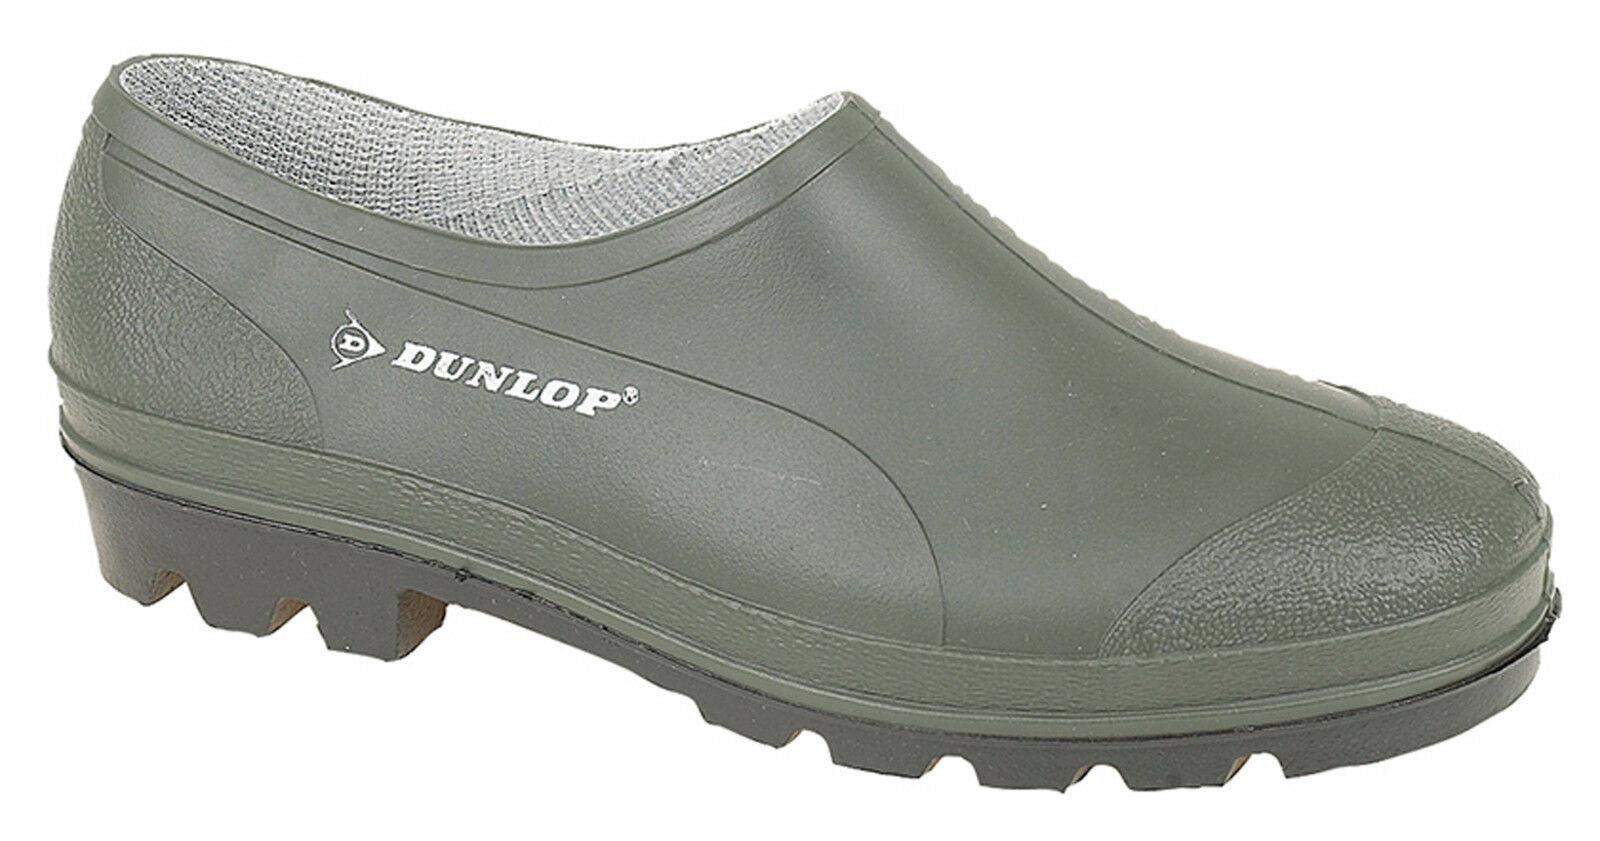 Détails Sur Dunlop Jardin Chaussures Unie Étanche Vert Jardinage Wellie  Sabots Tailles 3 tout Chaussure Jardin